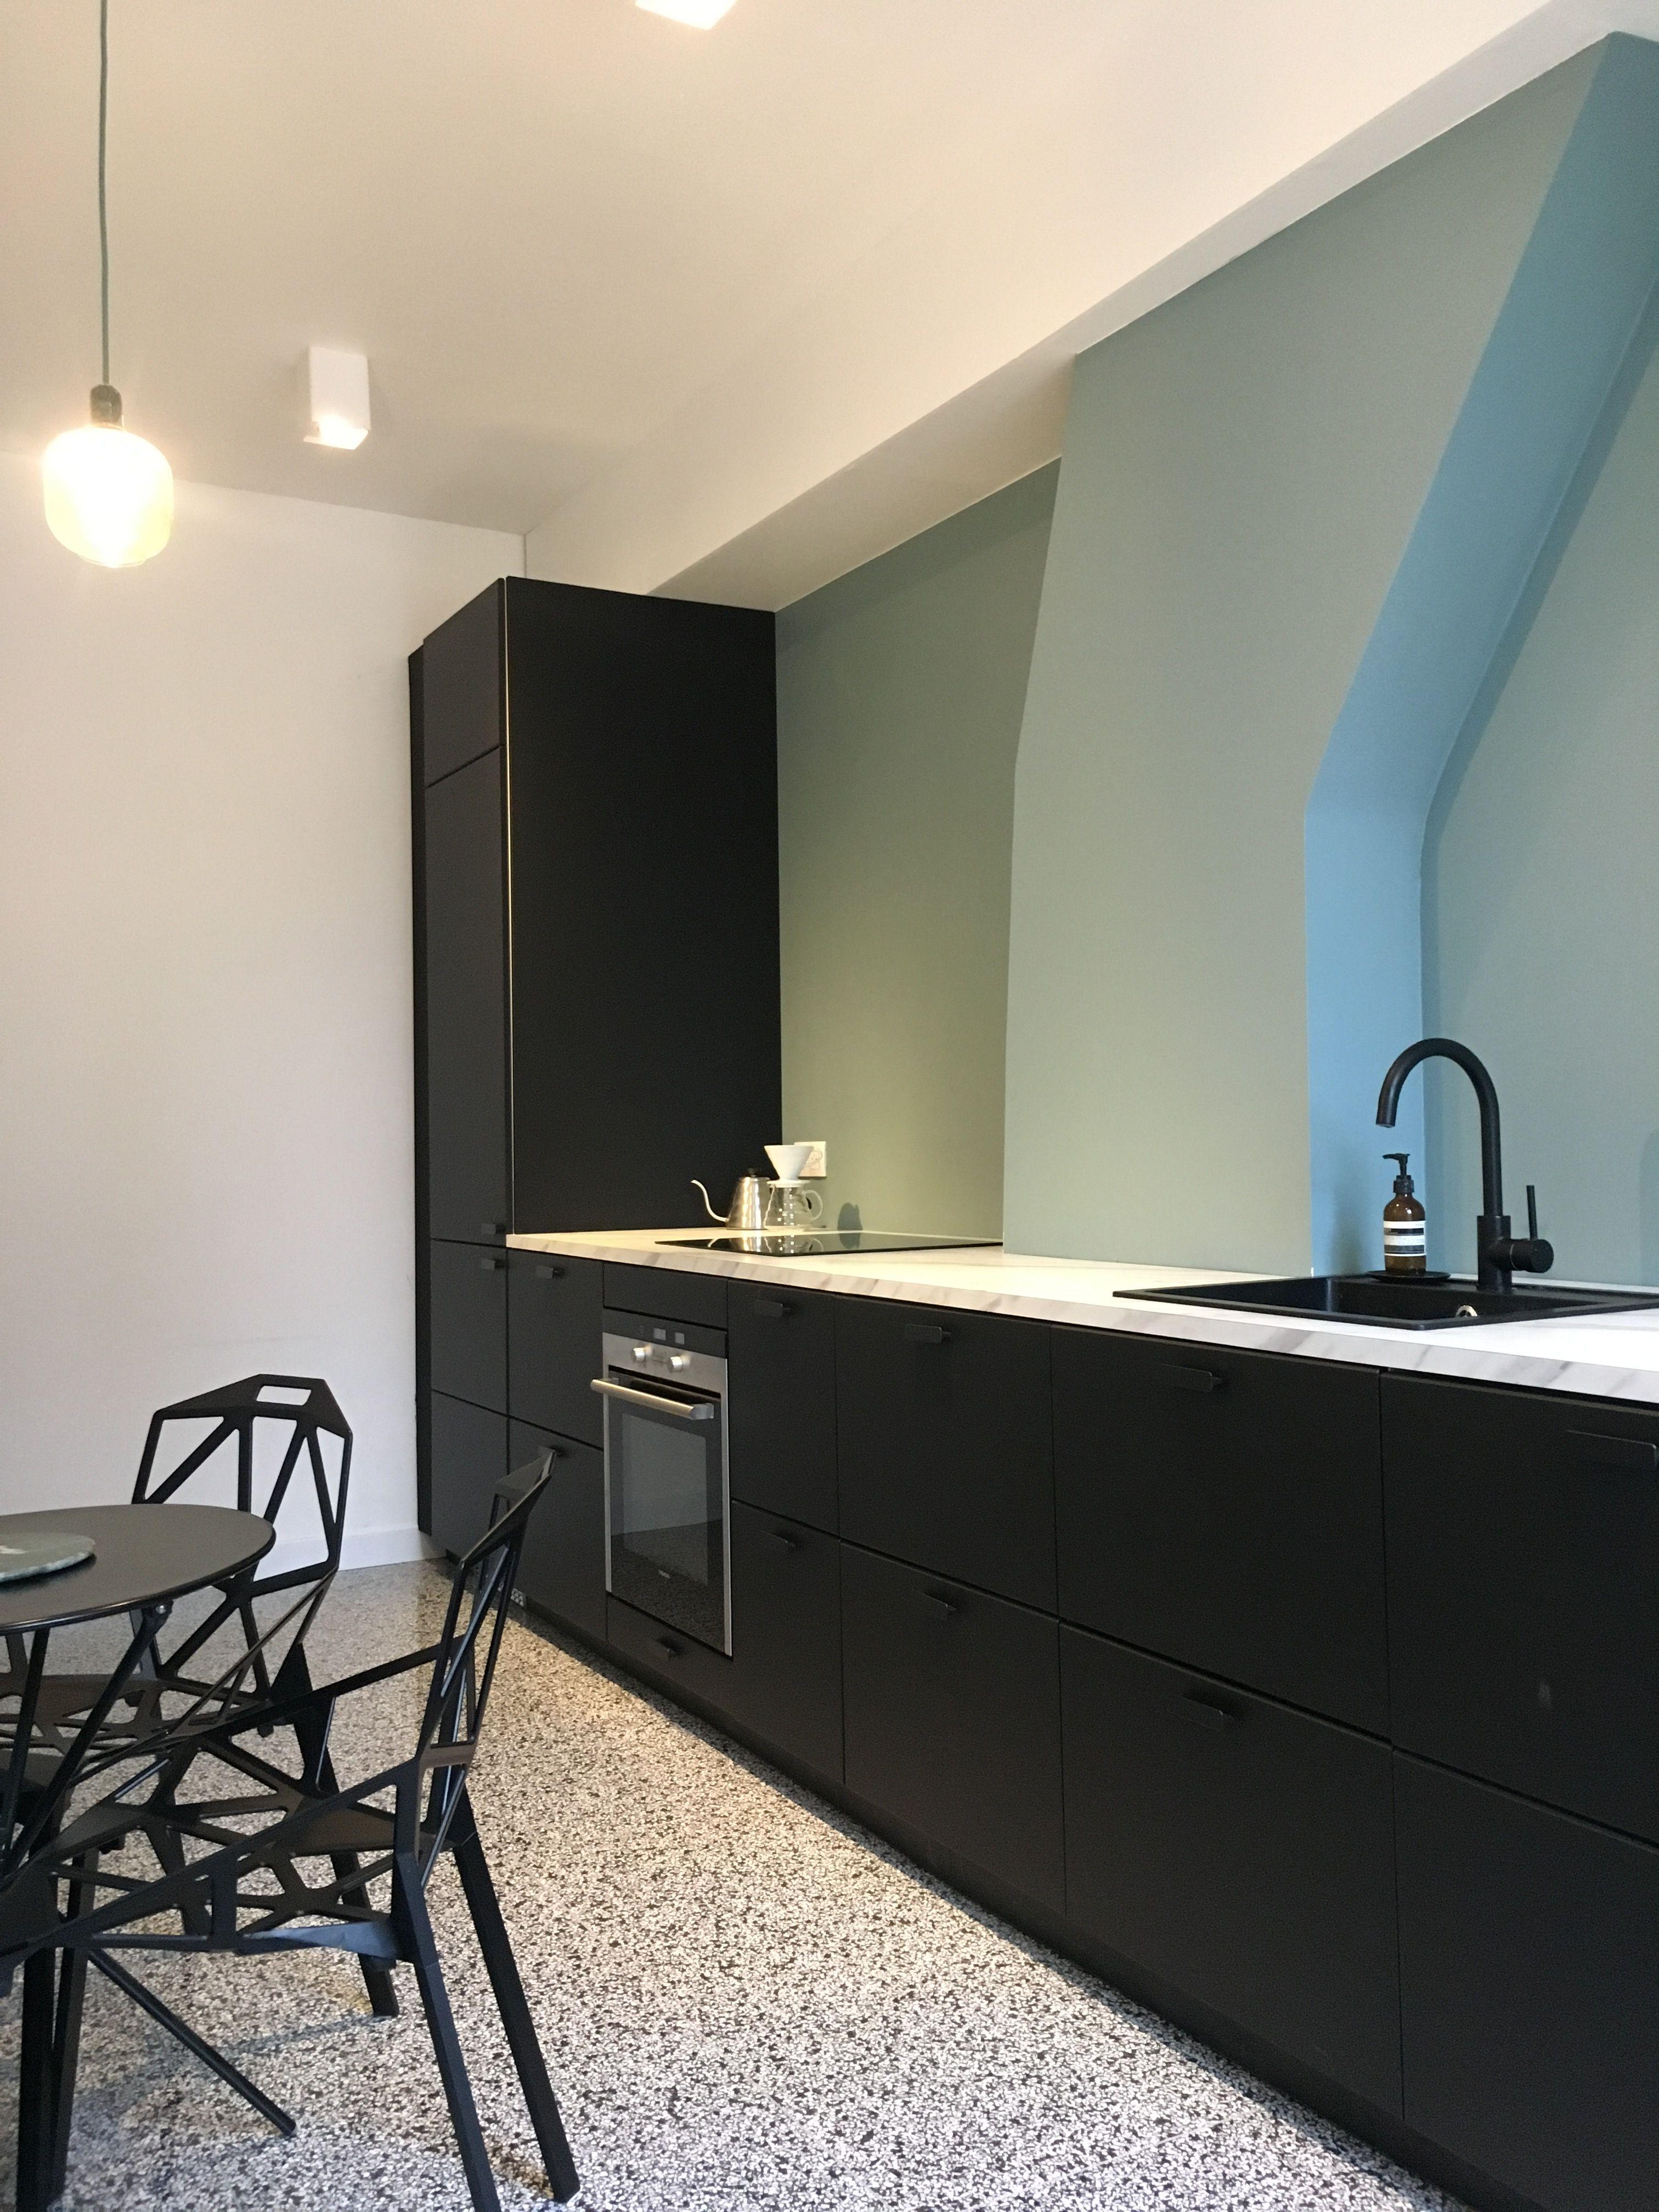 black kitchen ikea kungsbacka kitchen cocina comedor. Black Bedroom Furniture Sets. Home Design Ideas